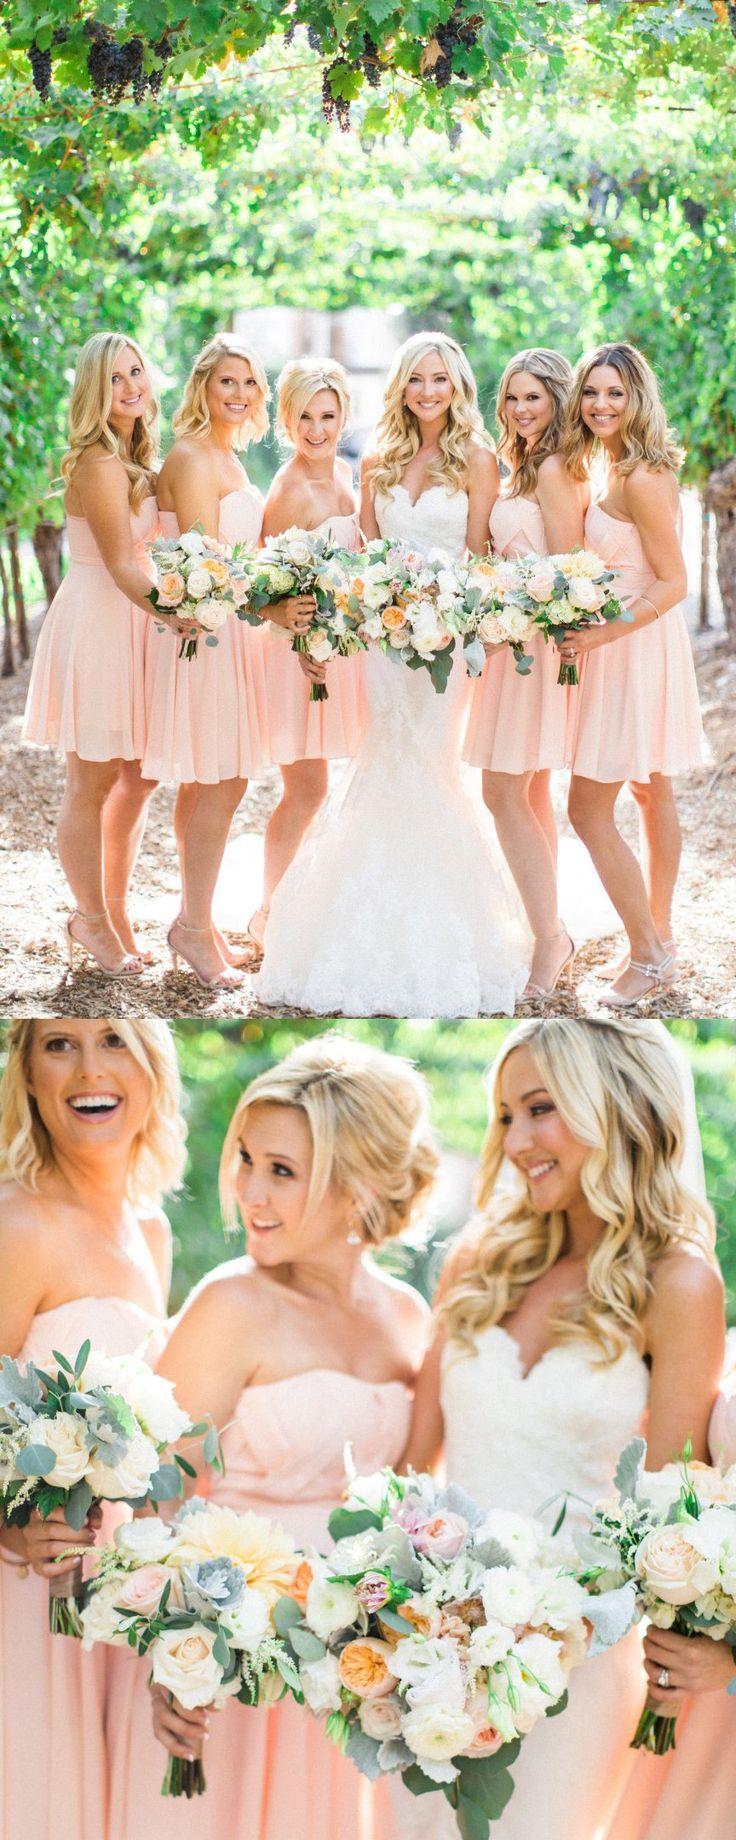 Short Bridesmaid Dresses, Pink Bridesmaid Dresses, Bridesmaid Dresses Short, Short Pink dresses, Pink Short dresses, Zipper Bridesmaid Dresses, Pleated Bridesmaid Dresses, Sweetheart Bridesmaid Dresses, Sleeveless Bridesmaid Dresses